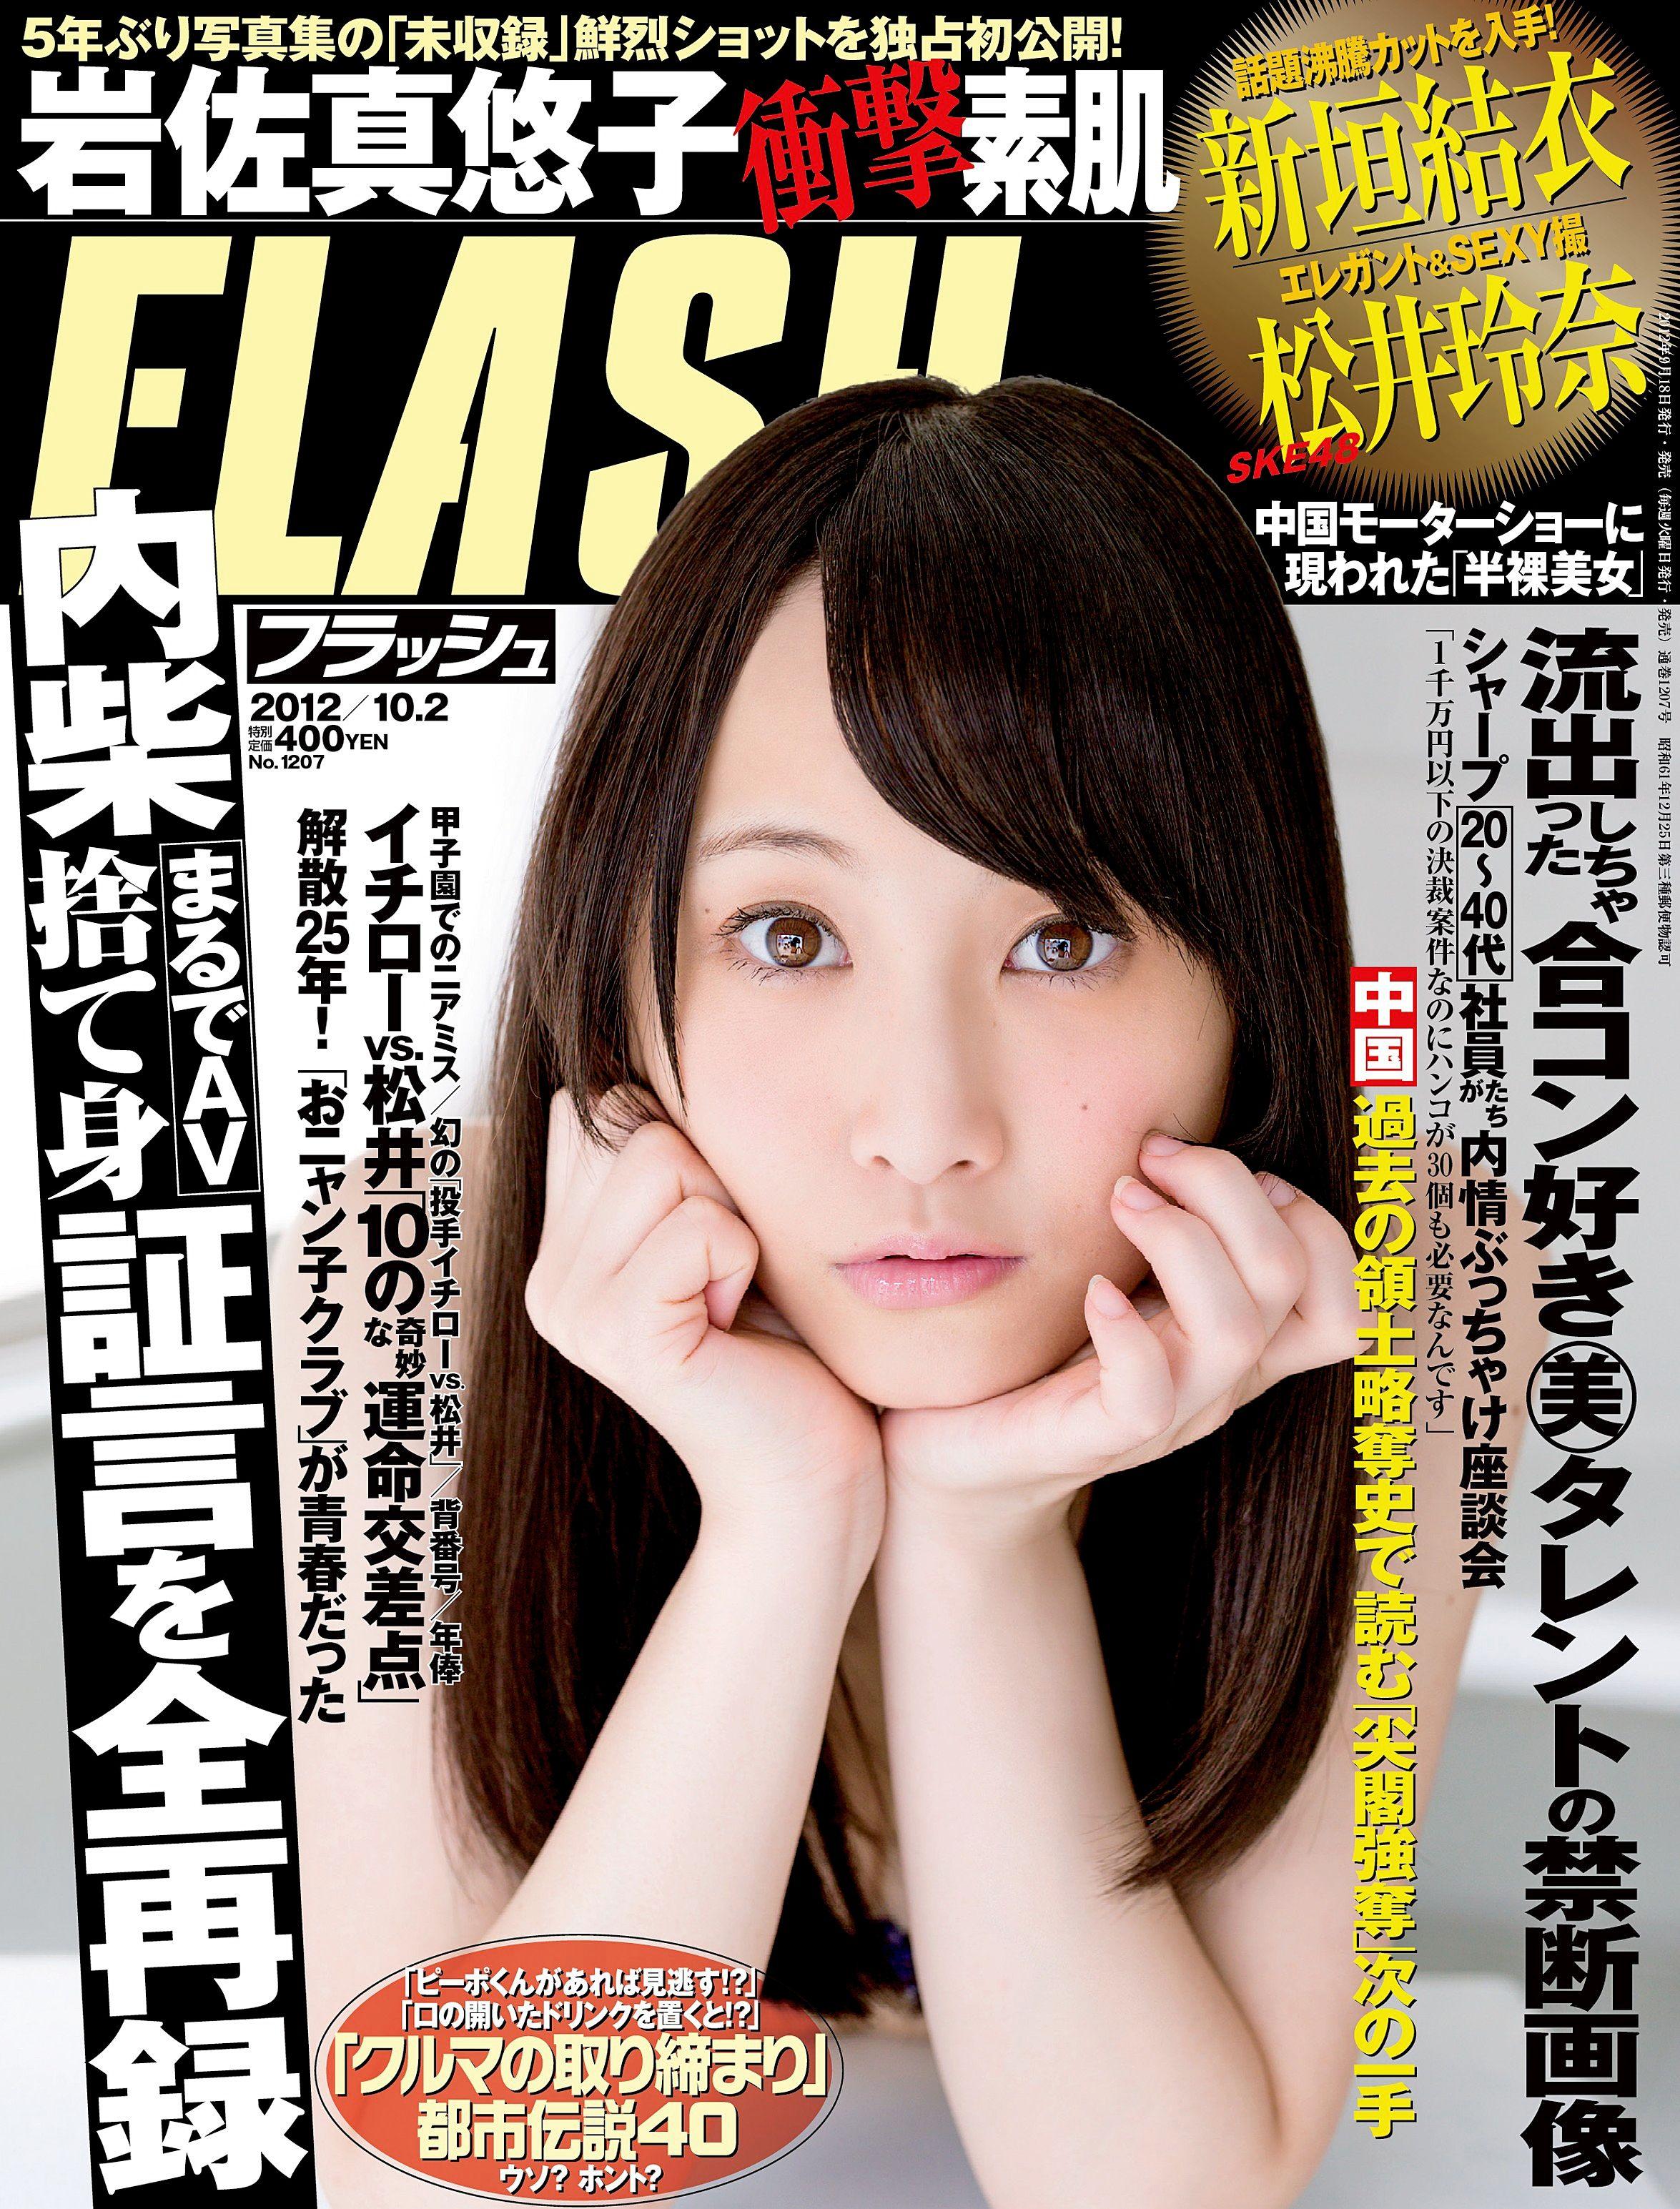 Matsui Rena Flash